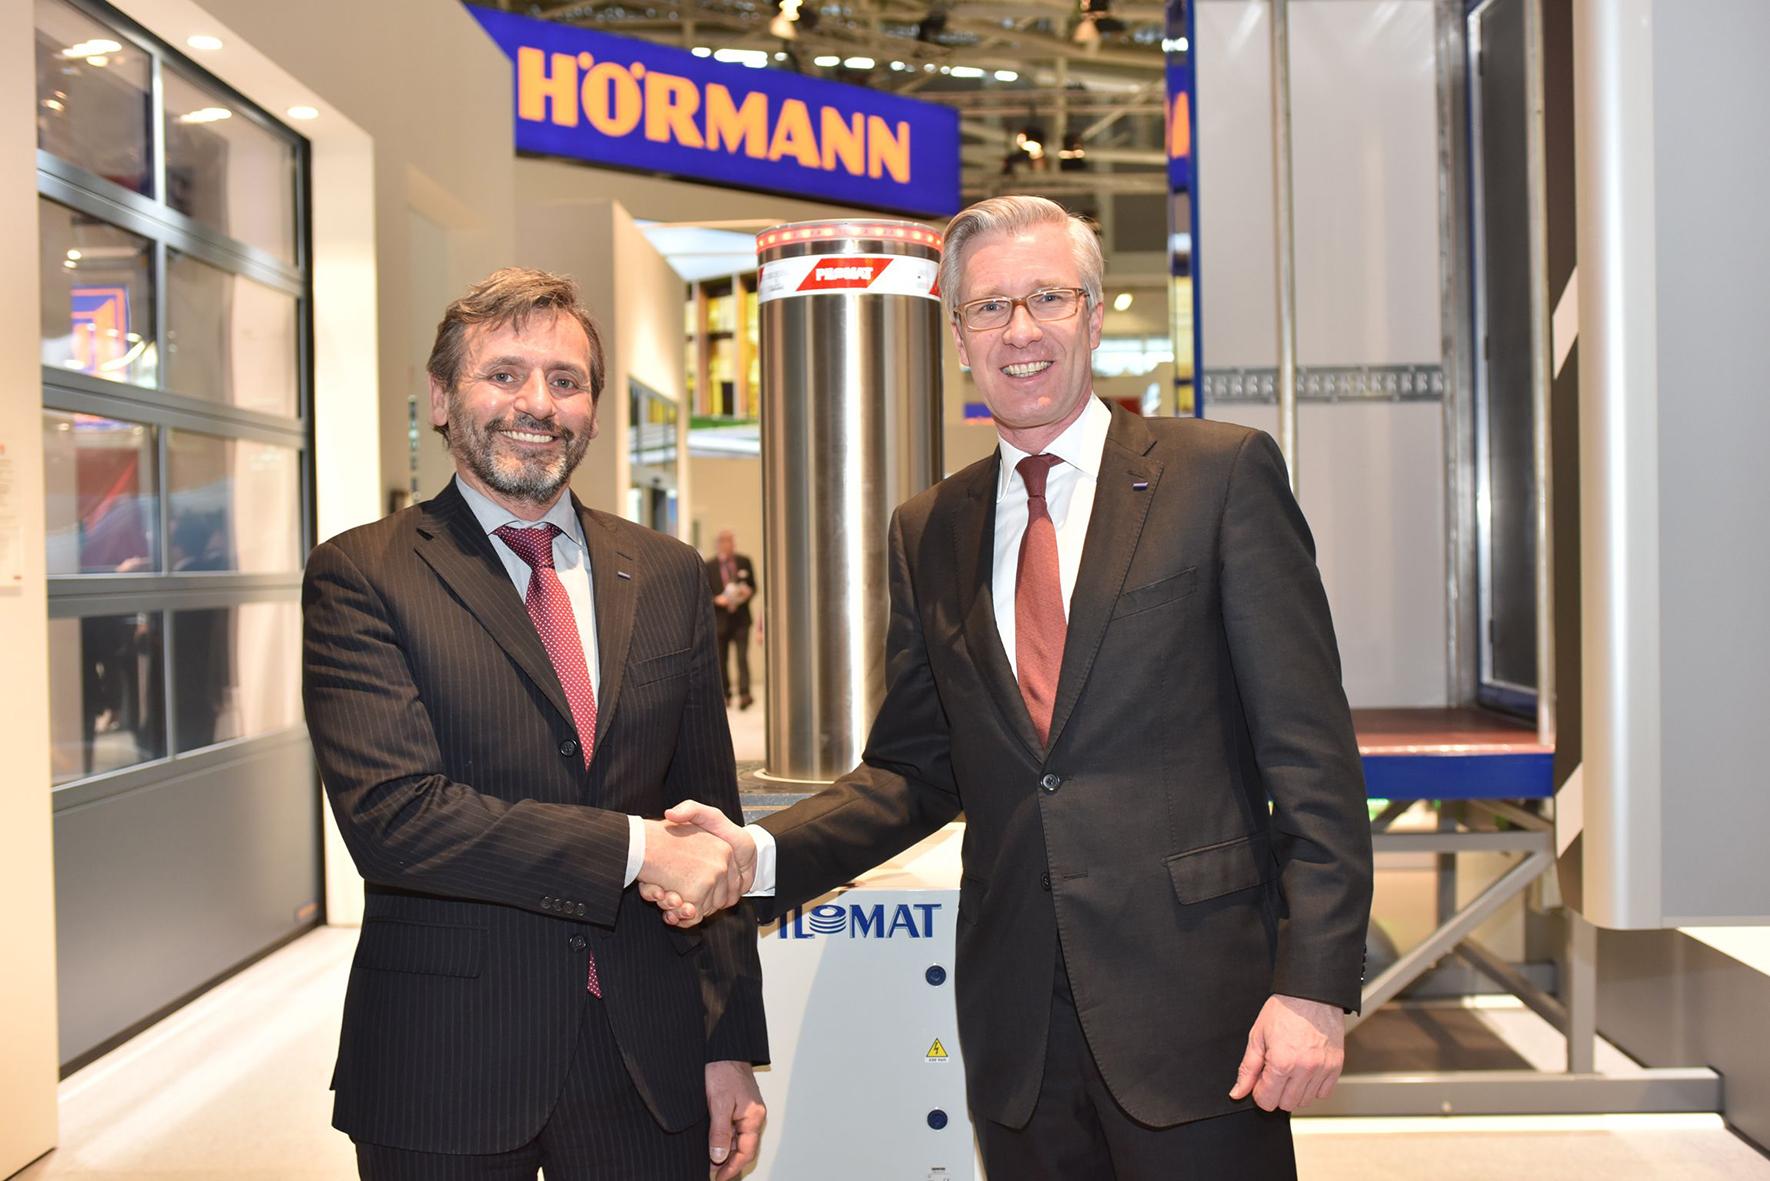 Schemi Elettrici Hormann : Controllo accessi: hörmann acquisisce la maggioranza azionaria dell